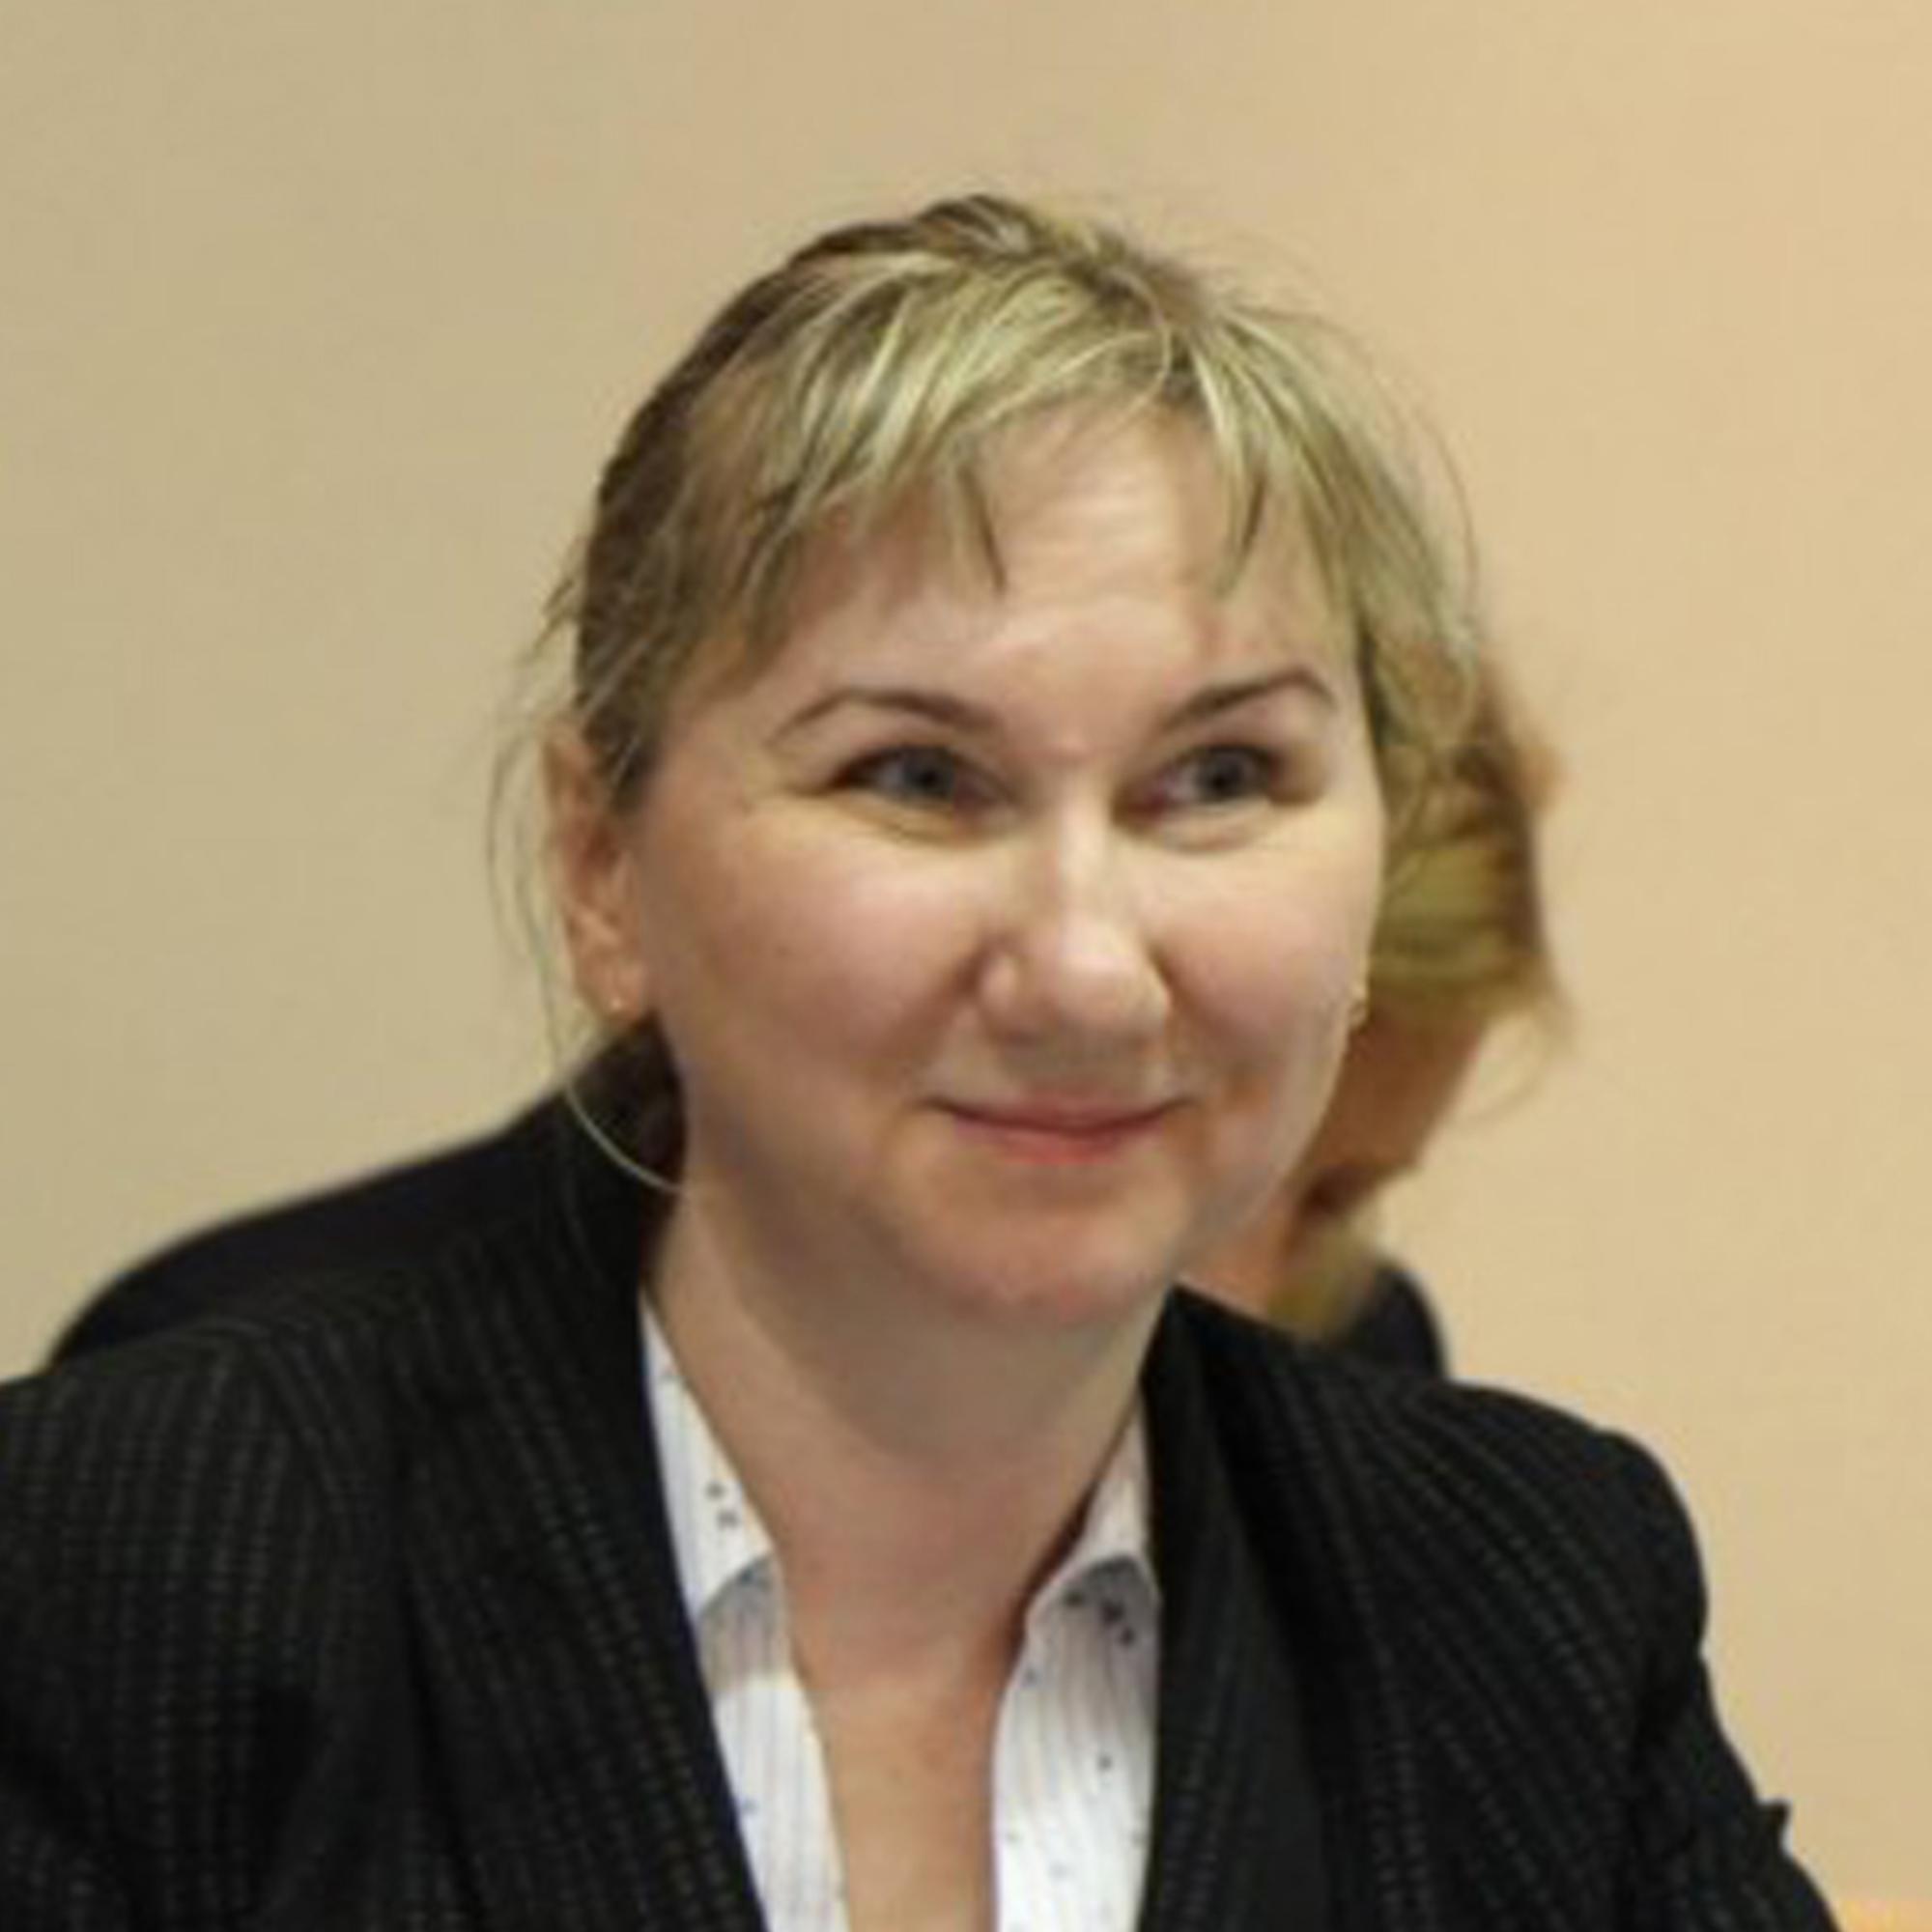 Елена Чеснокова, старший консультант по связям с общественностью генерального консульства Великобритании в Екатеринбурге